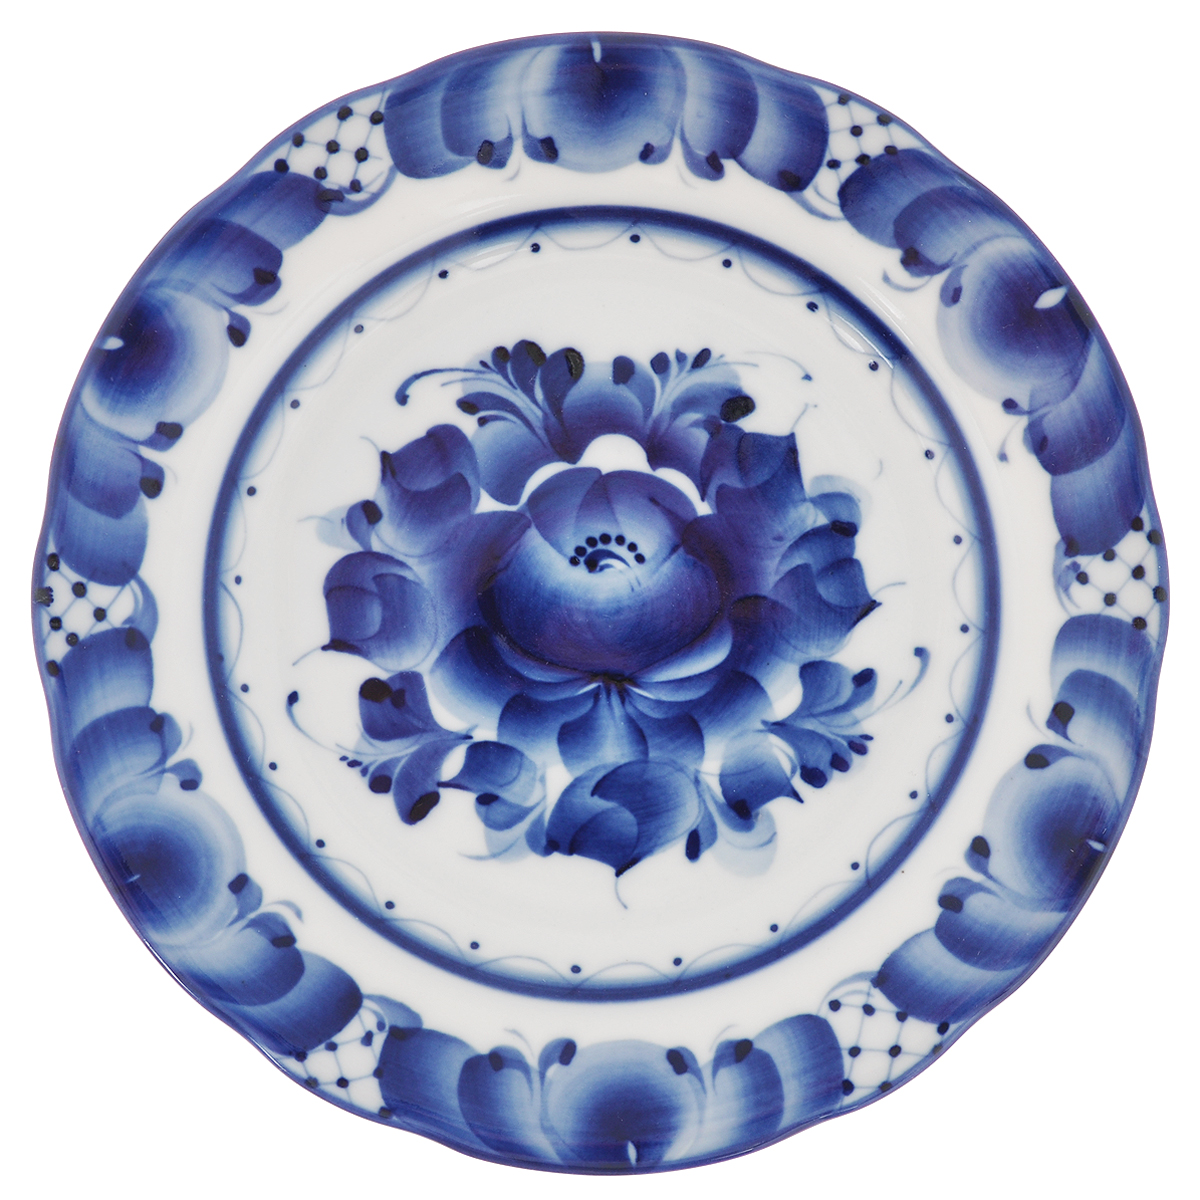 Тарелка для пирожков Дубок, диаметр 17,5 см115510Тарелка для пирожков Дубок, изготовленная из высококачественной керамики, предназначена для красивой сервировки стола. Тарелка оформлена оригинальной гжельской росписью. Прекрасный дизайн изделия идеально подойдет для сервировки стола.Обращаем ваше внимание, что роспись на изделиях сделана вручную. Рисунок может немного отличаться от изображения на фотографии. Диаметр: 17,5 см. Высота тарелки: 2 см.